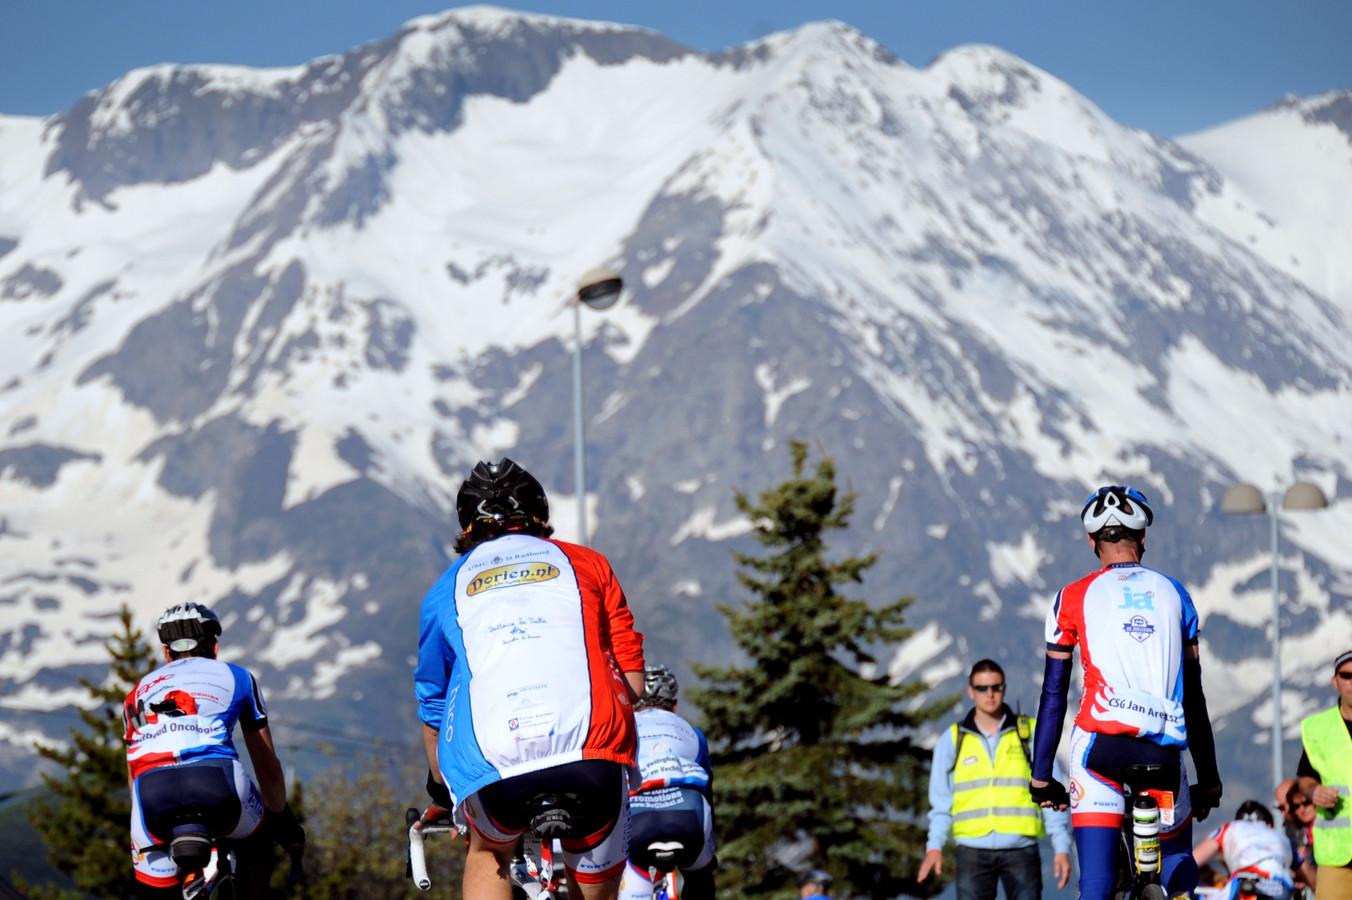 Deelnemers aan de charitatieve tocht Alpe d'Huzes afgelopen juni. Stichting Inspire2Live werd in 2010 opgericht door de initiatiefnemers van Alpe d'Huzes.